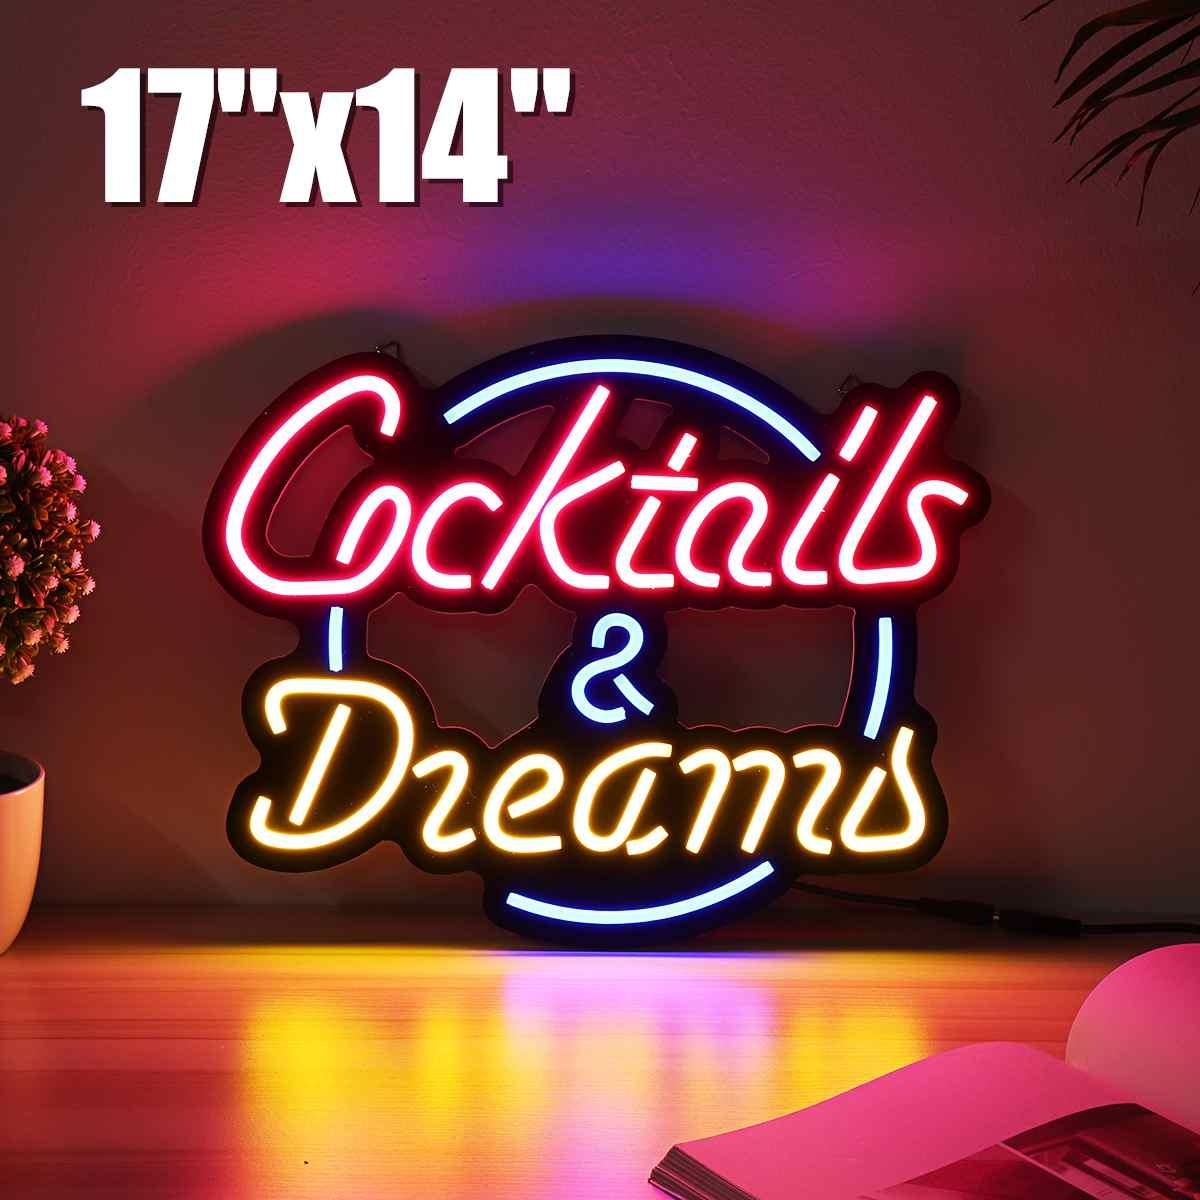 AC110-240V Cocktail Traum Echt Glasrohr Neon Licht Zeichen Taverne Bier Bar Pub Dekoration Neon Lampe Kommerziellen Beleuchtung 17